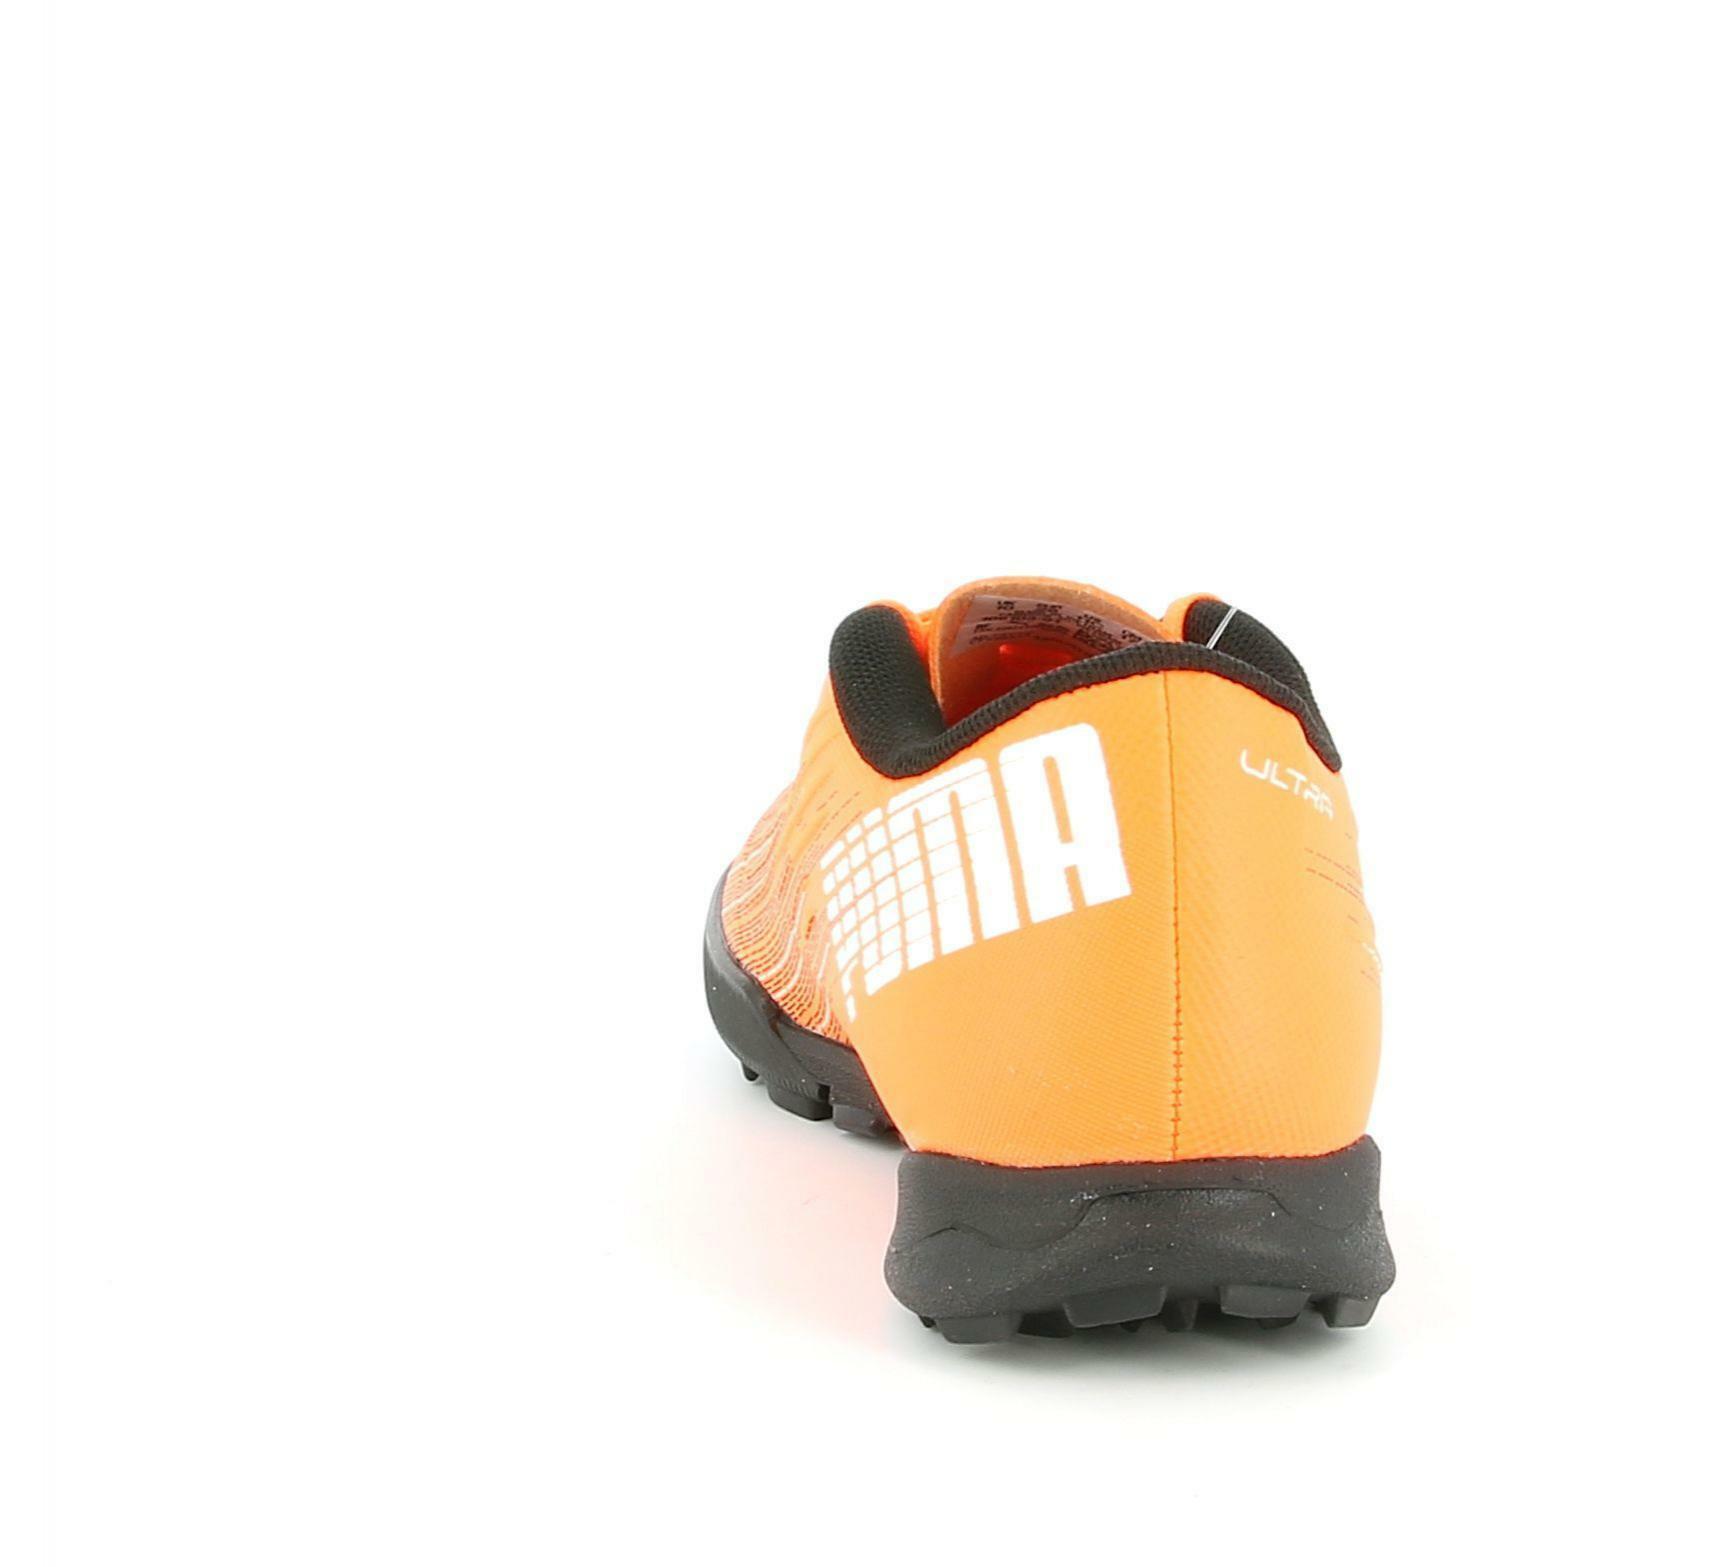 puma puma ultra 4. tt jr 106103 001 arancio scarpe calcetto bambino